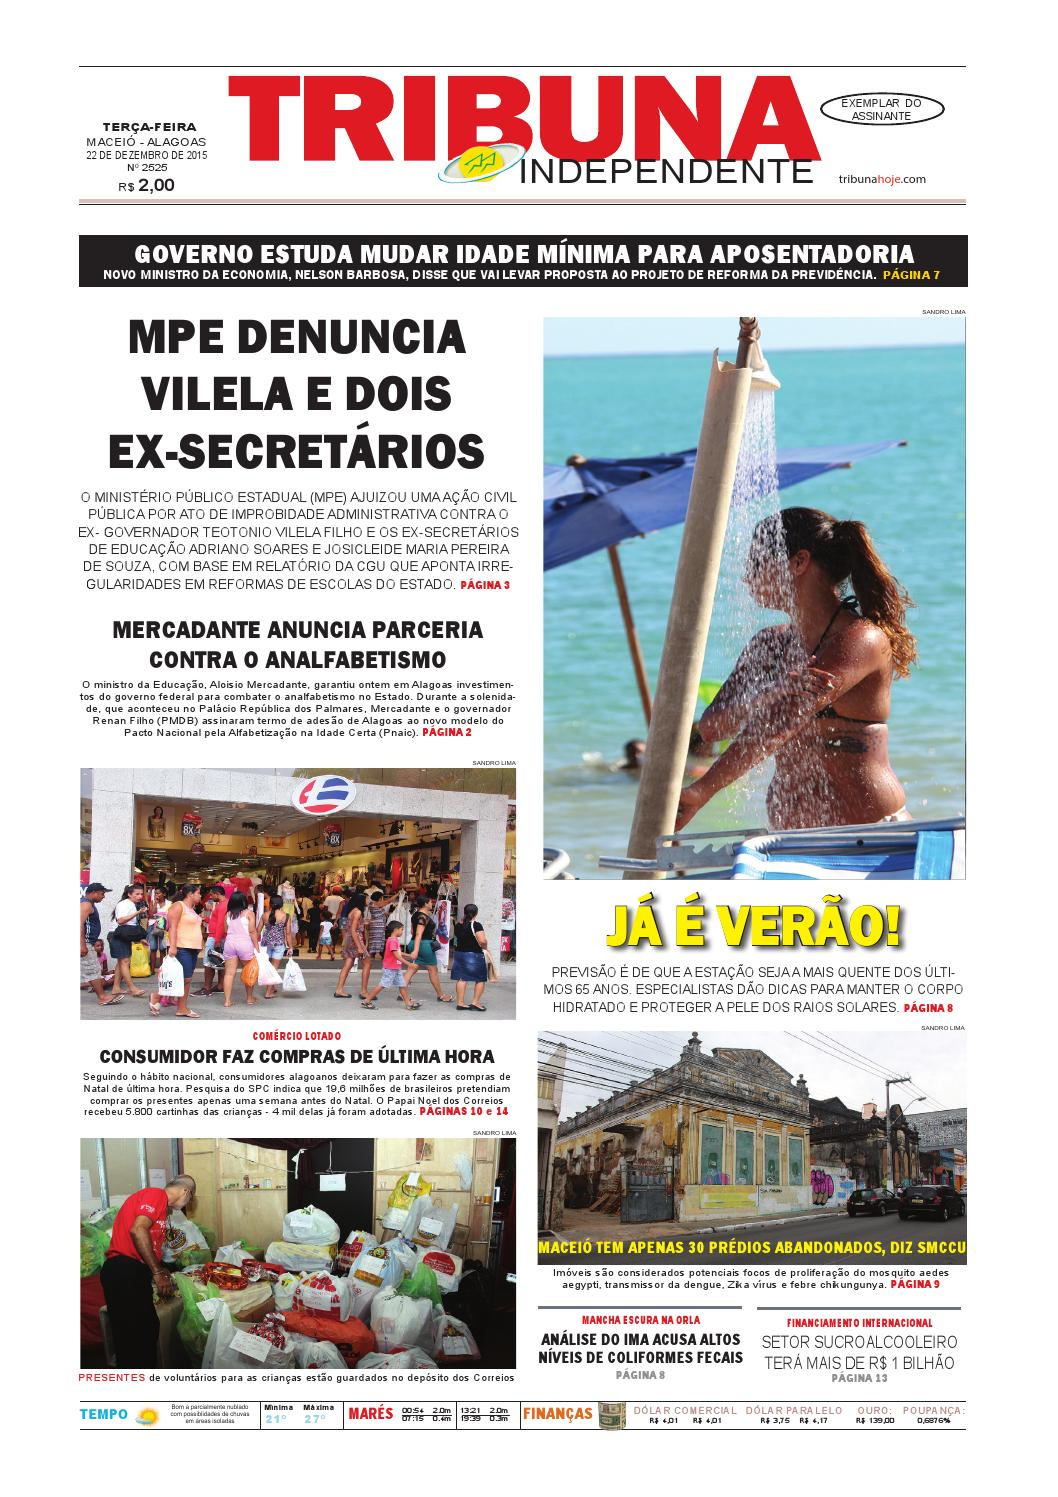 9412be661 Edição número 2525 - 22 de dezembro de 2015 by Tribuna Hoje - issuu